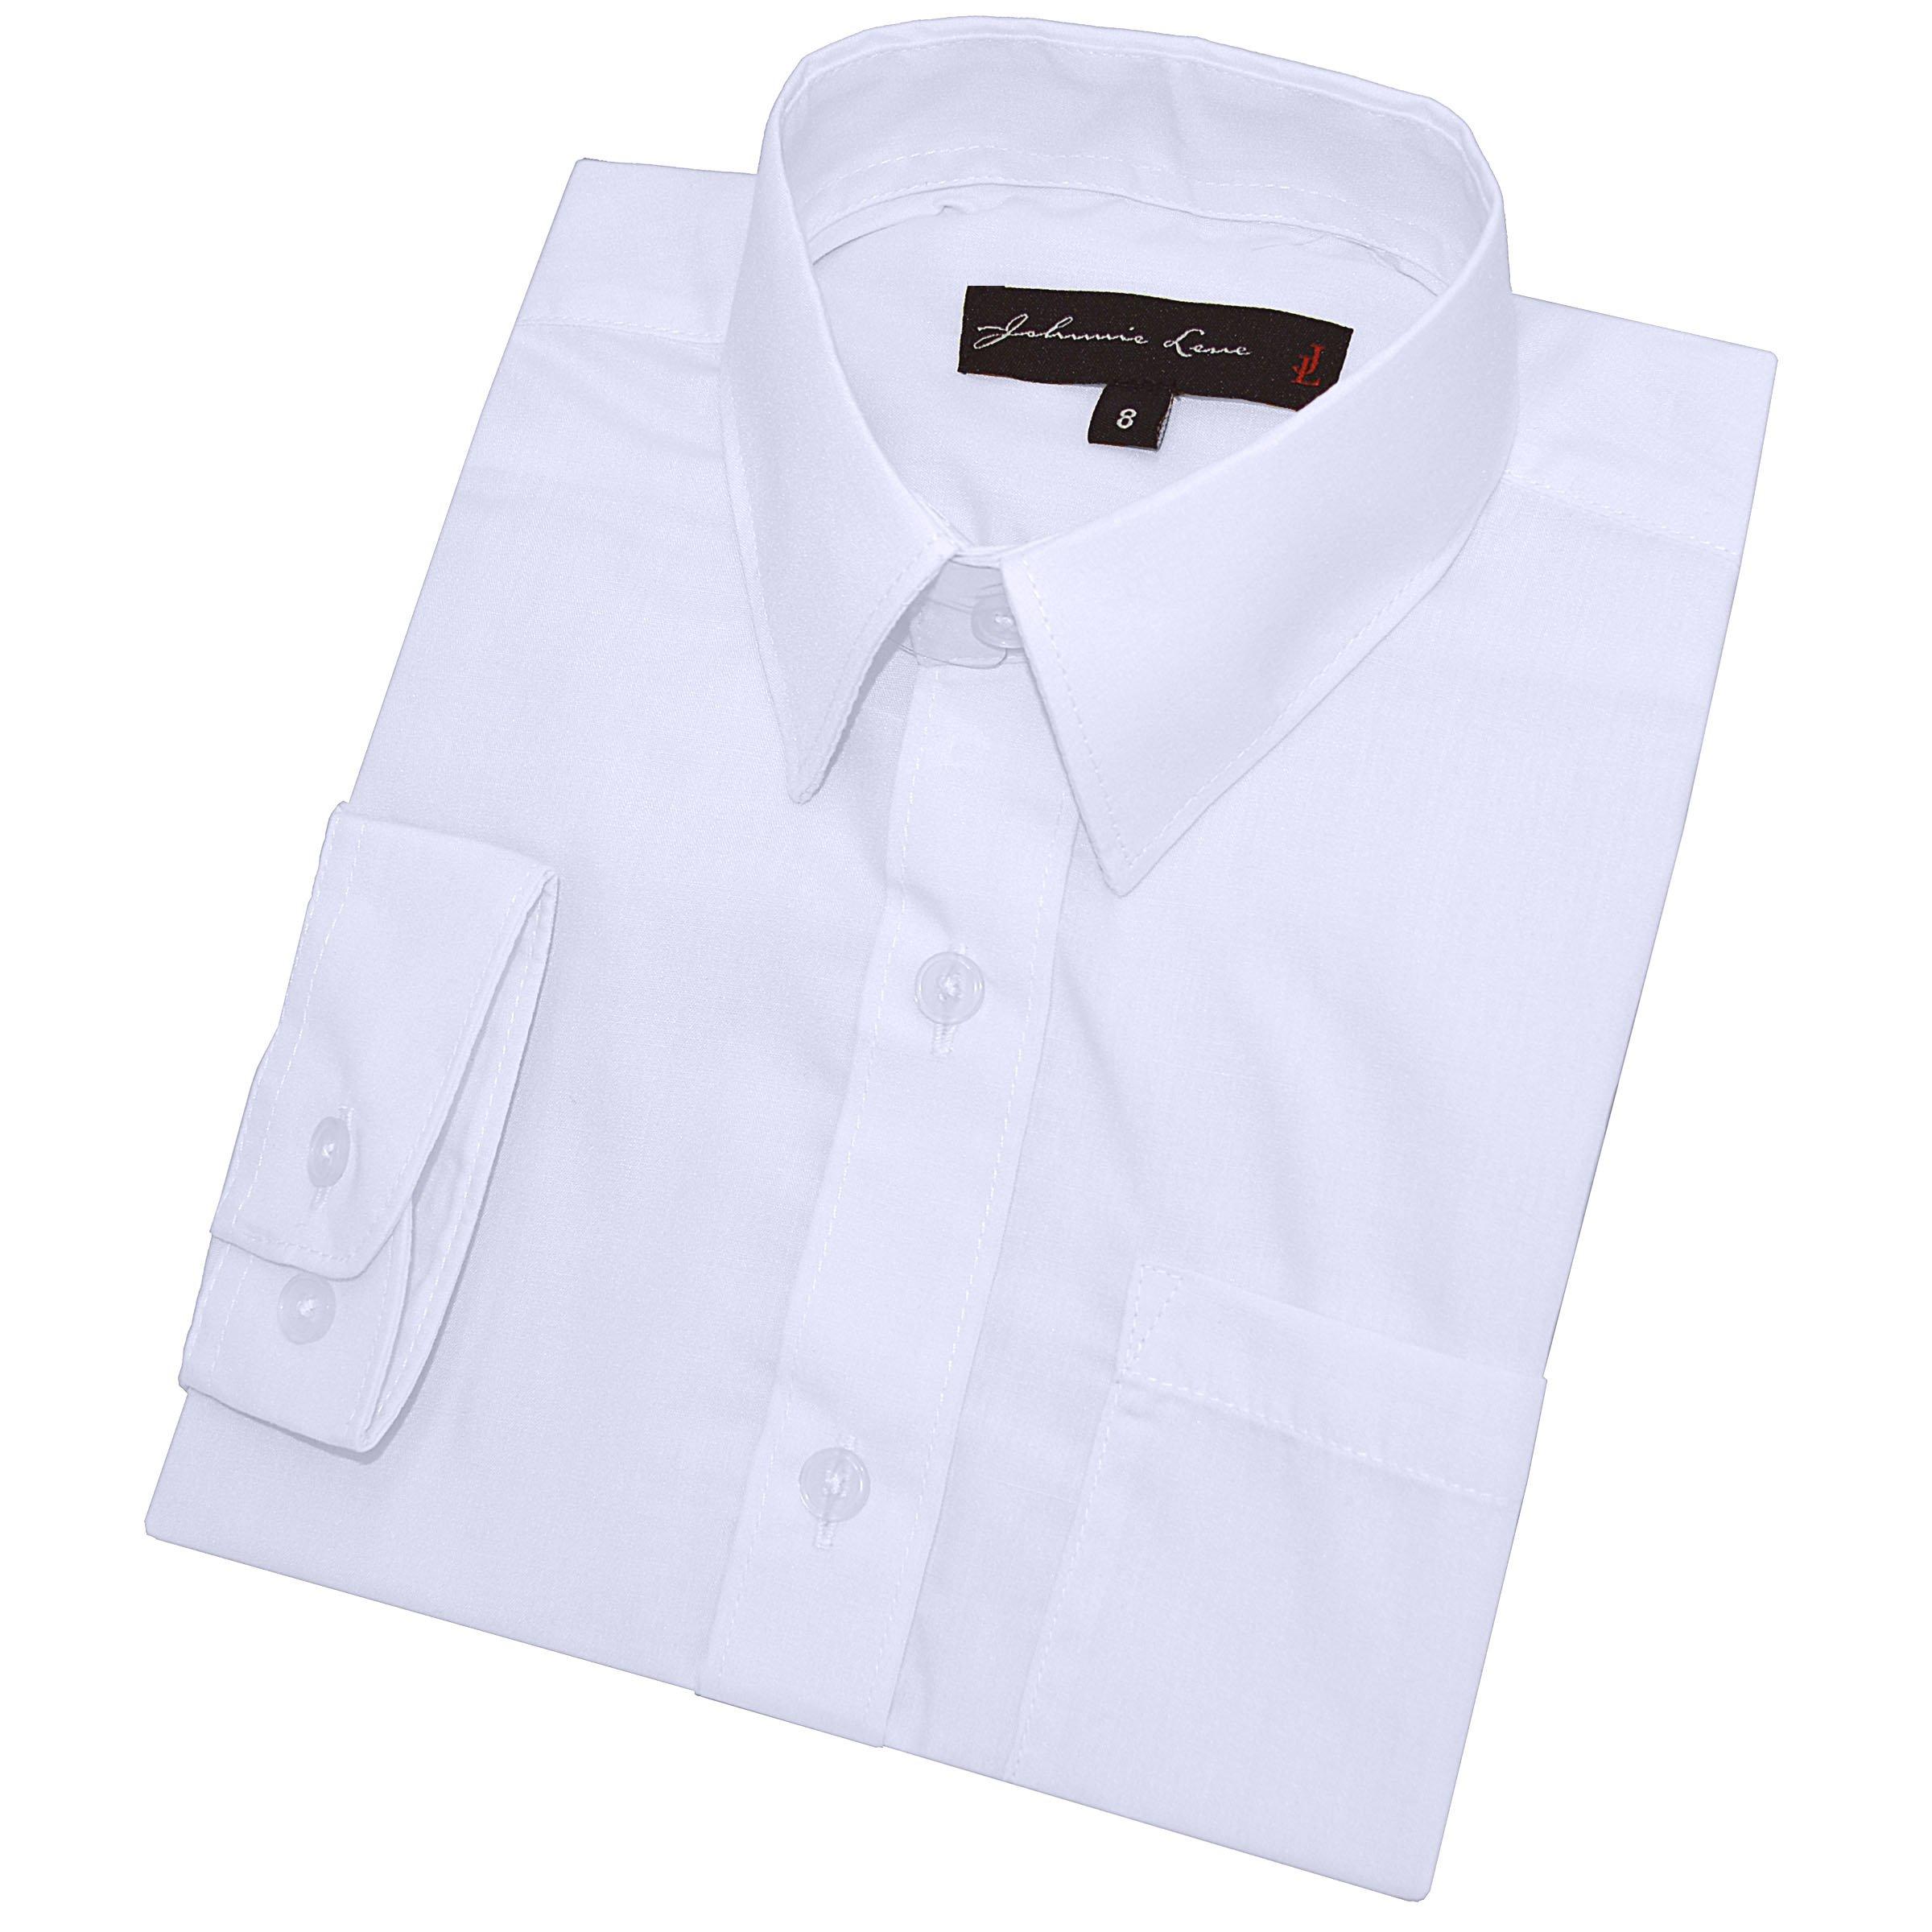 Johnnie Lene Little Boy's Long Sleeves Solid Dress Shirt #JL32 (2T, White)